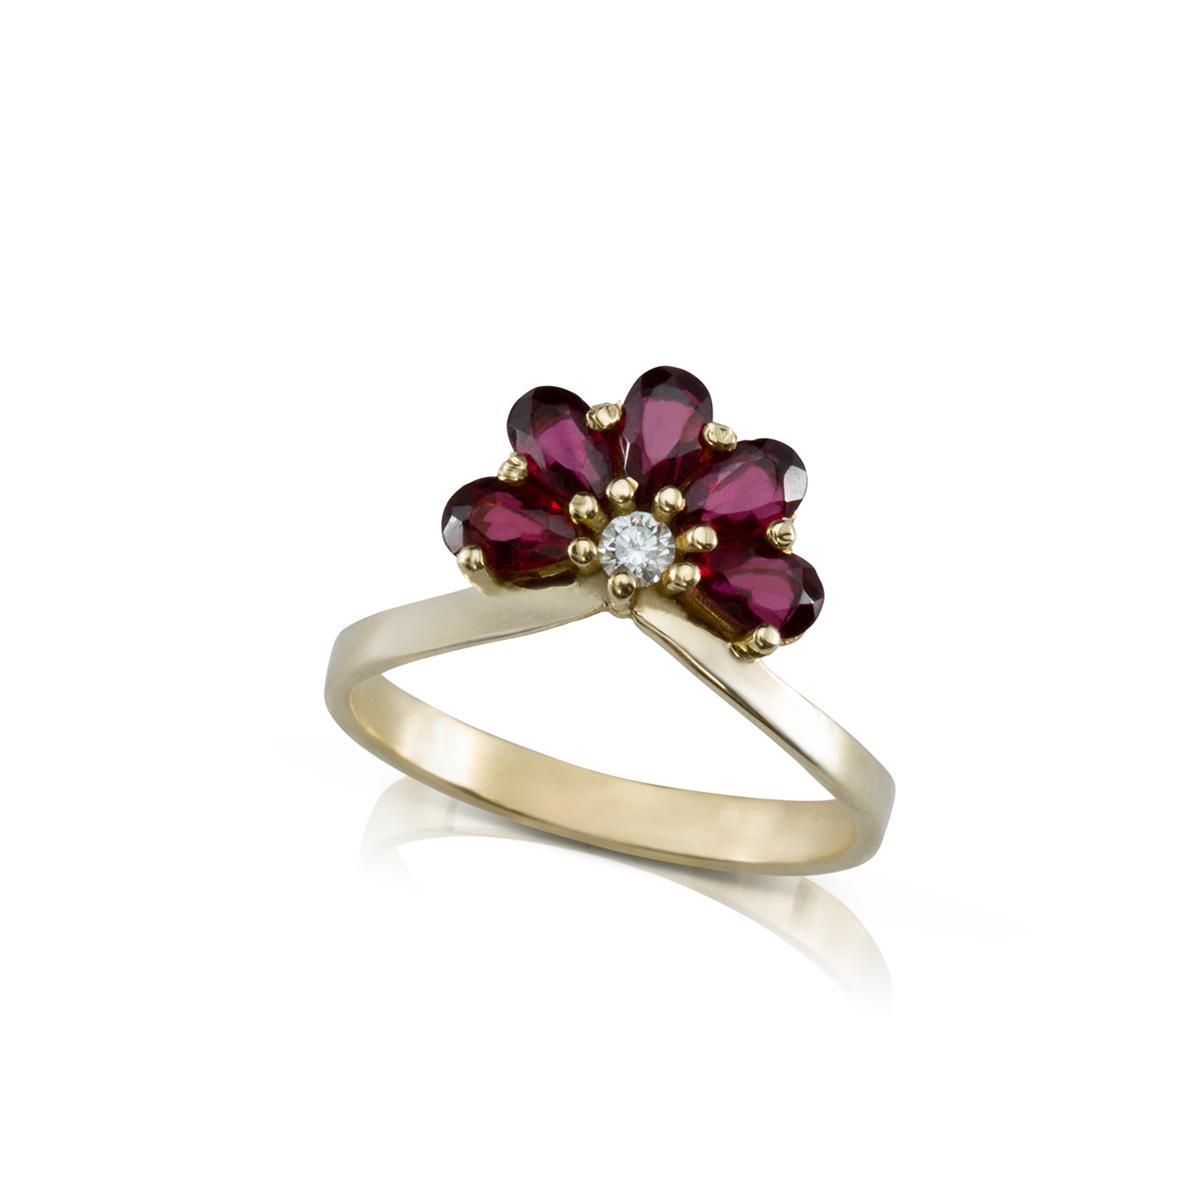 טבעת זהב משובצת ב-5 אבני רודלוייט ויהלום